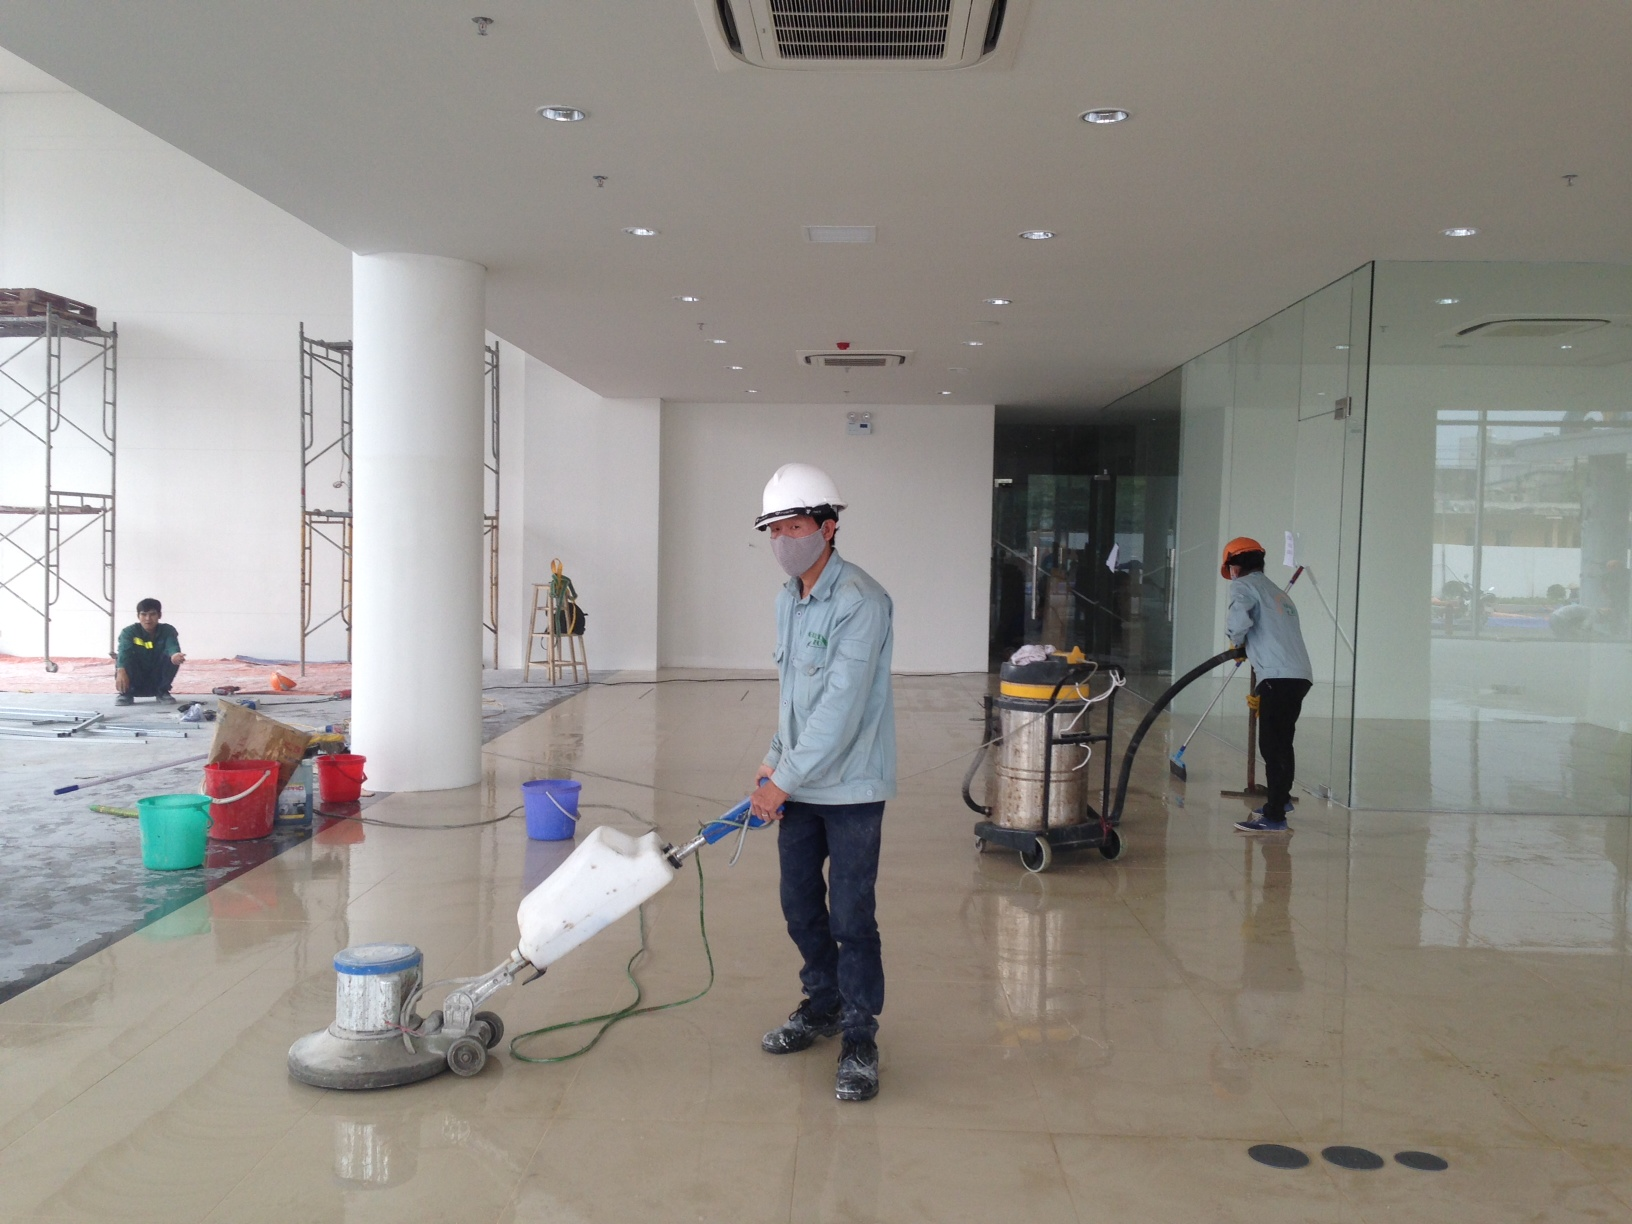 Dịch vụ vệ sinh công nghiệp tại Đà Lạt – Lâm đồng Uy tín là thành công